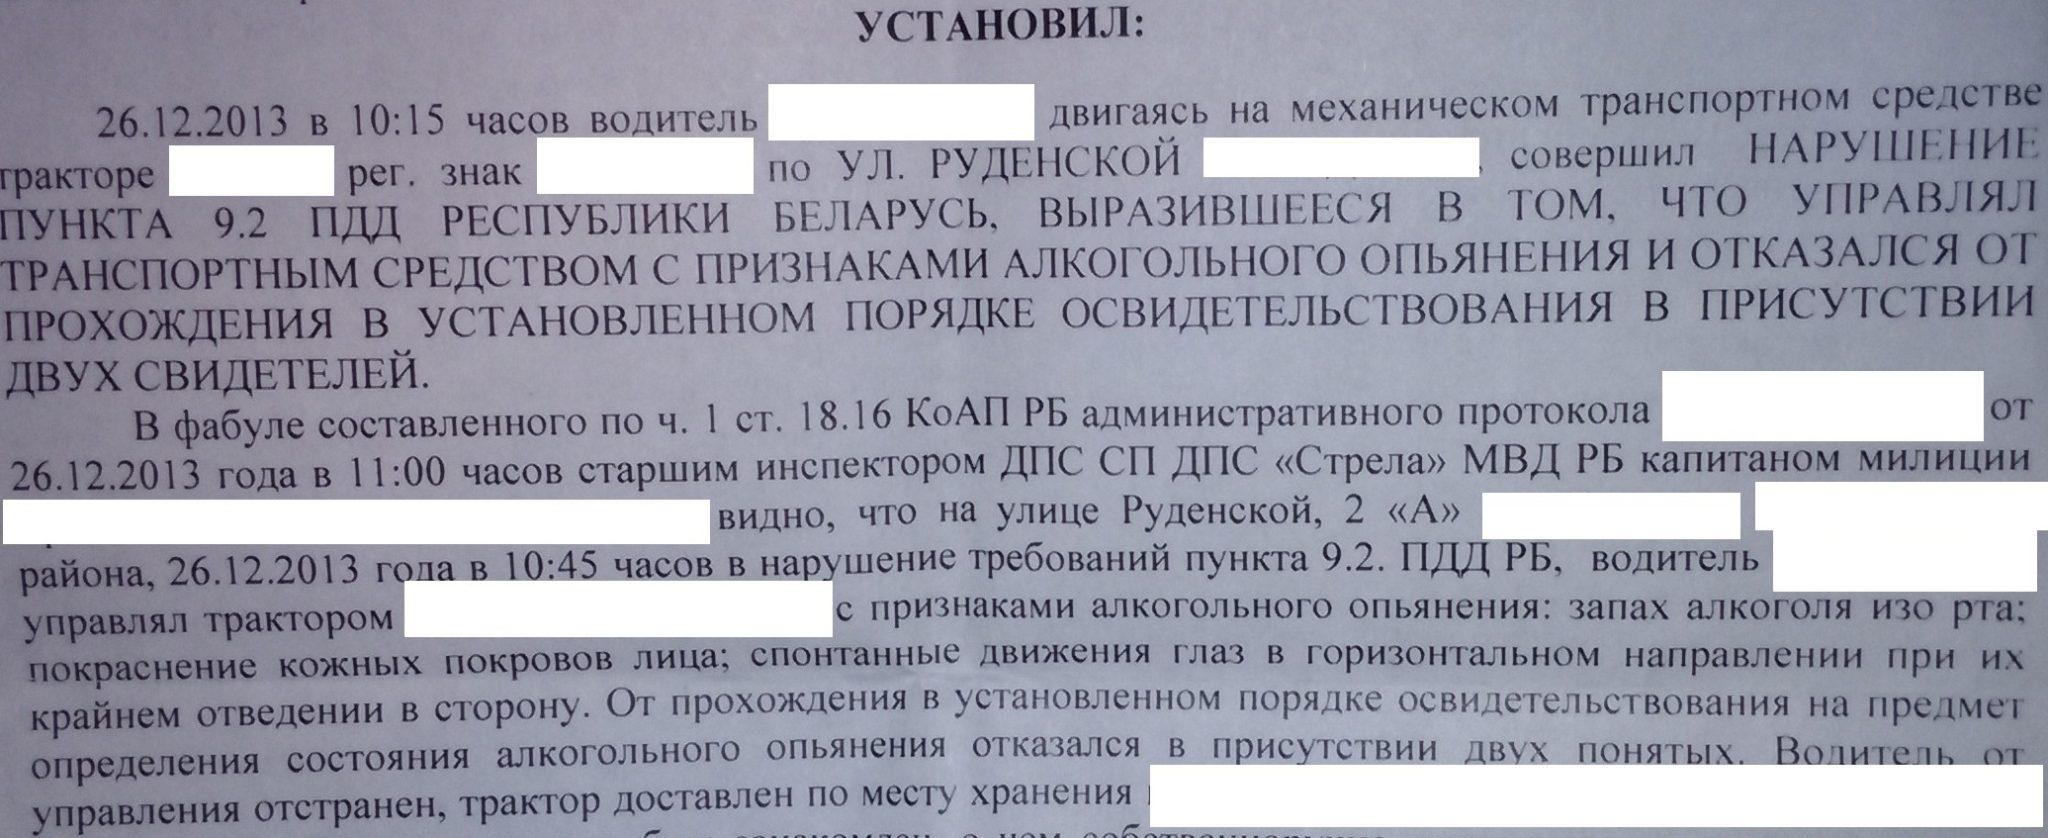 отказ от освидетельствования на предмет нахождения в состоянии алкогольного опьянения - случай из практики адвокатов Латышевых